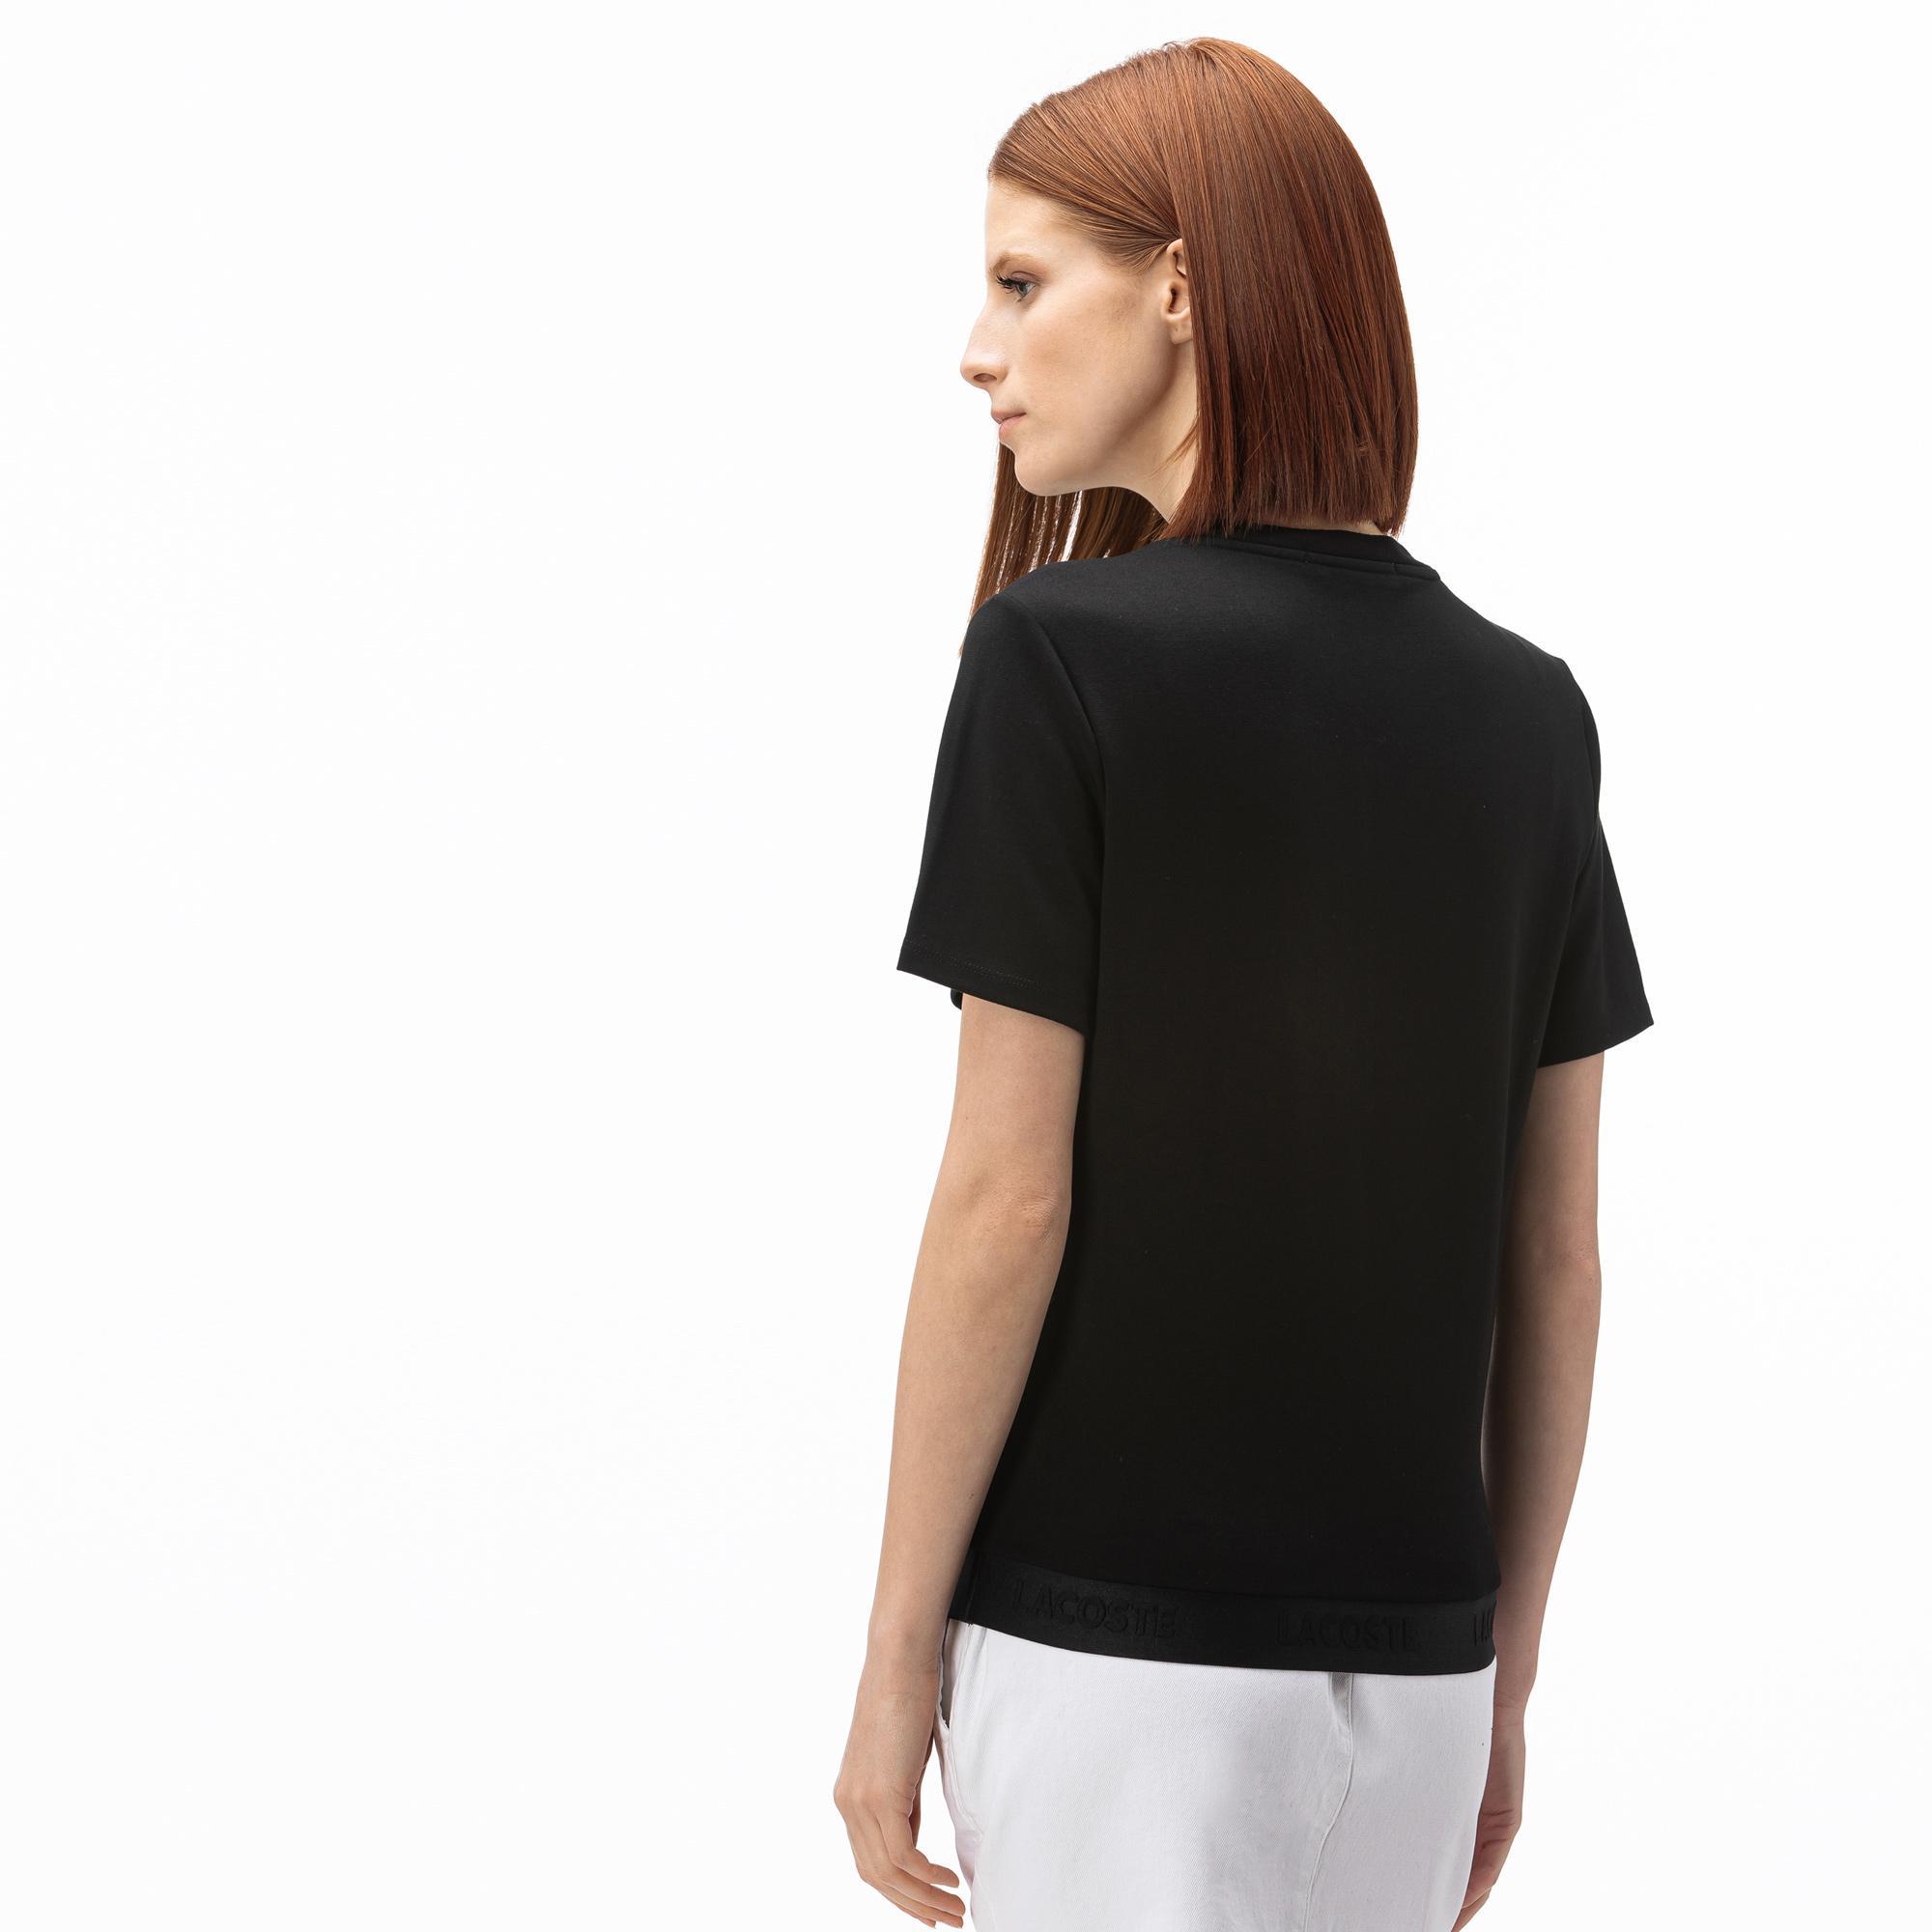 Lacoste Kadın Kayık Yaka Siyah T-Shirt